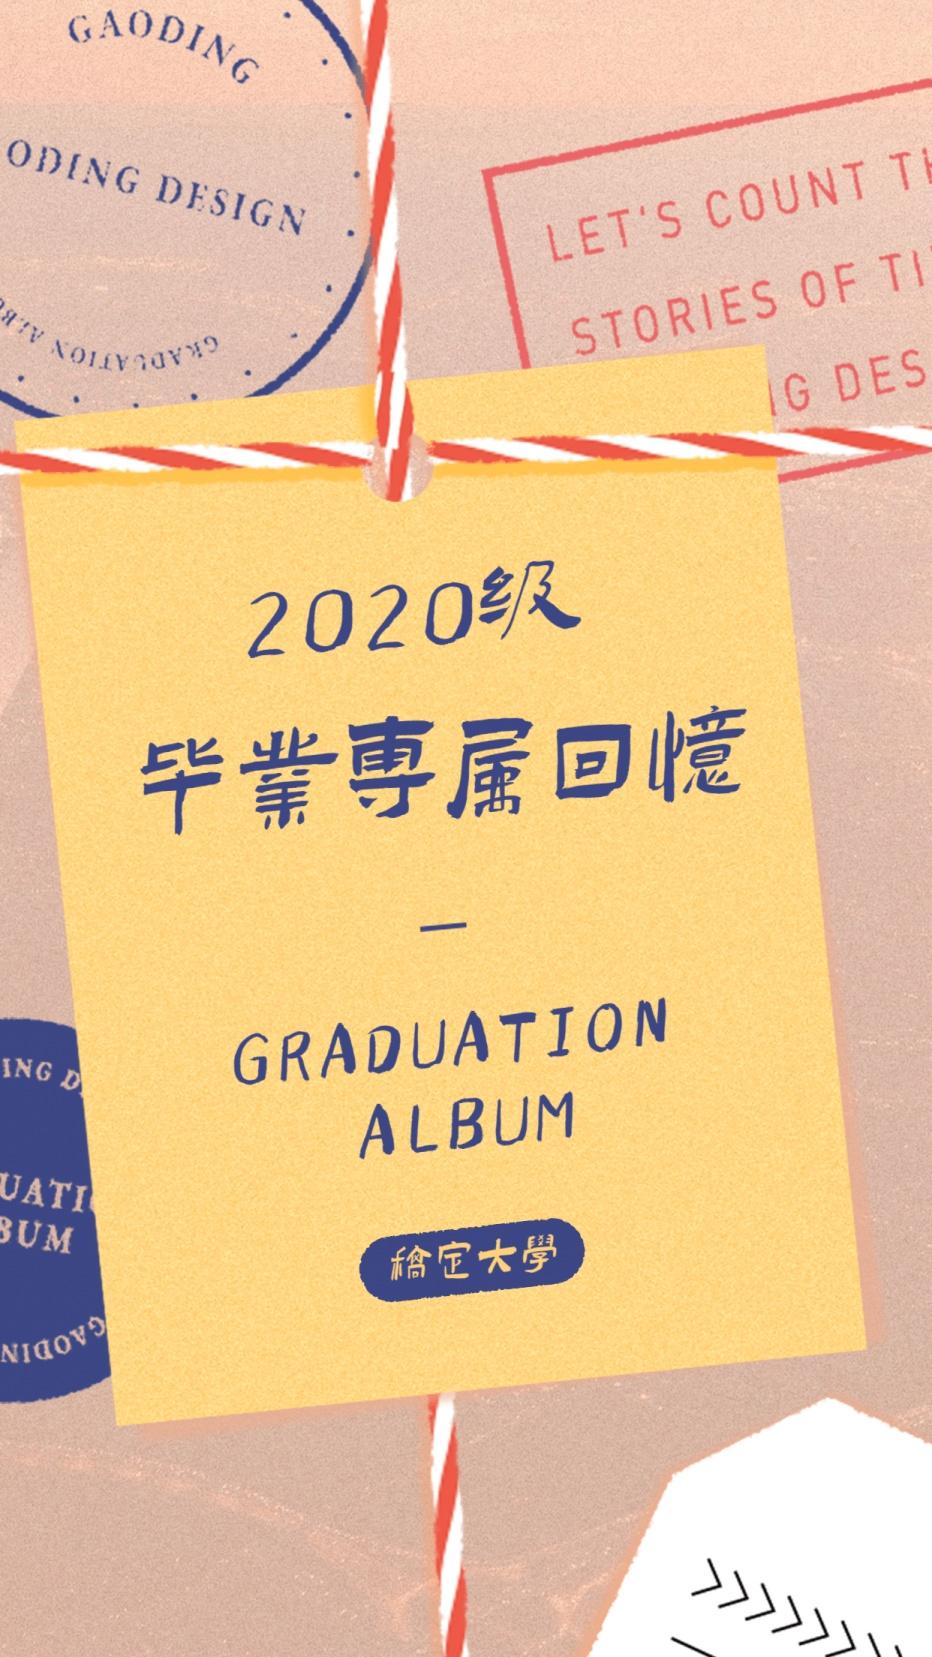 毕业季专属回忆纪念相册